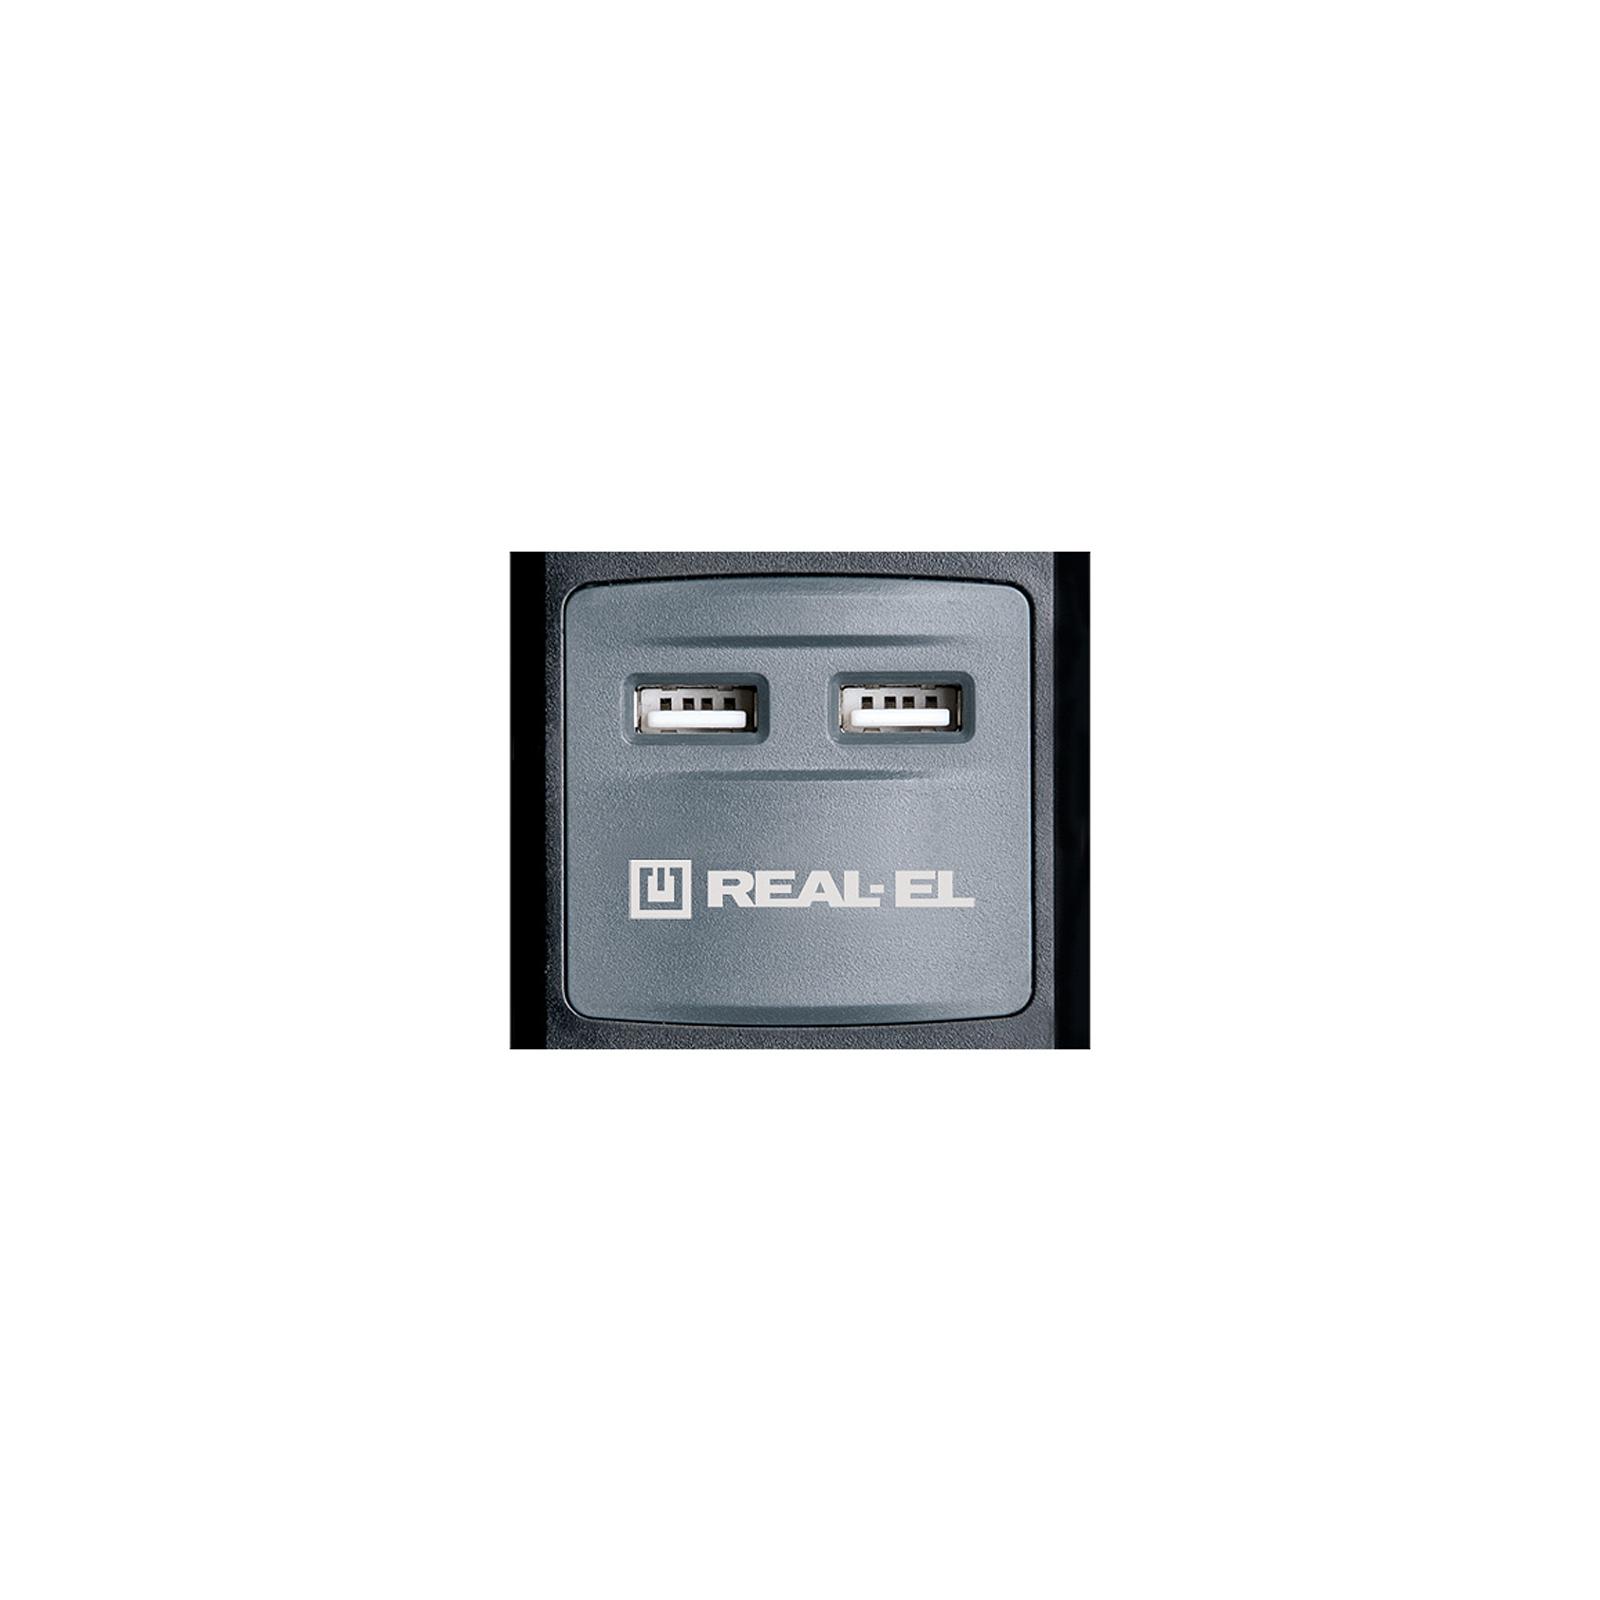 Сетевой удлинитель REAL-EL RS-5 USB CHARGE 1.8m, black (EL122500002) изображение 2